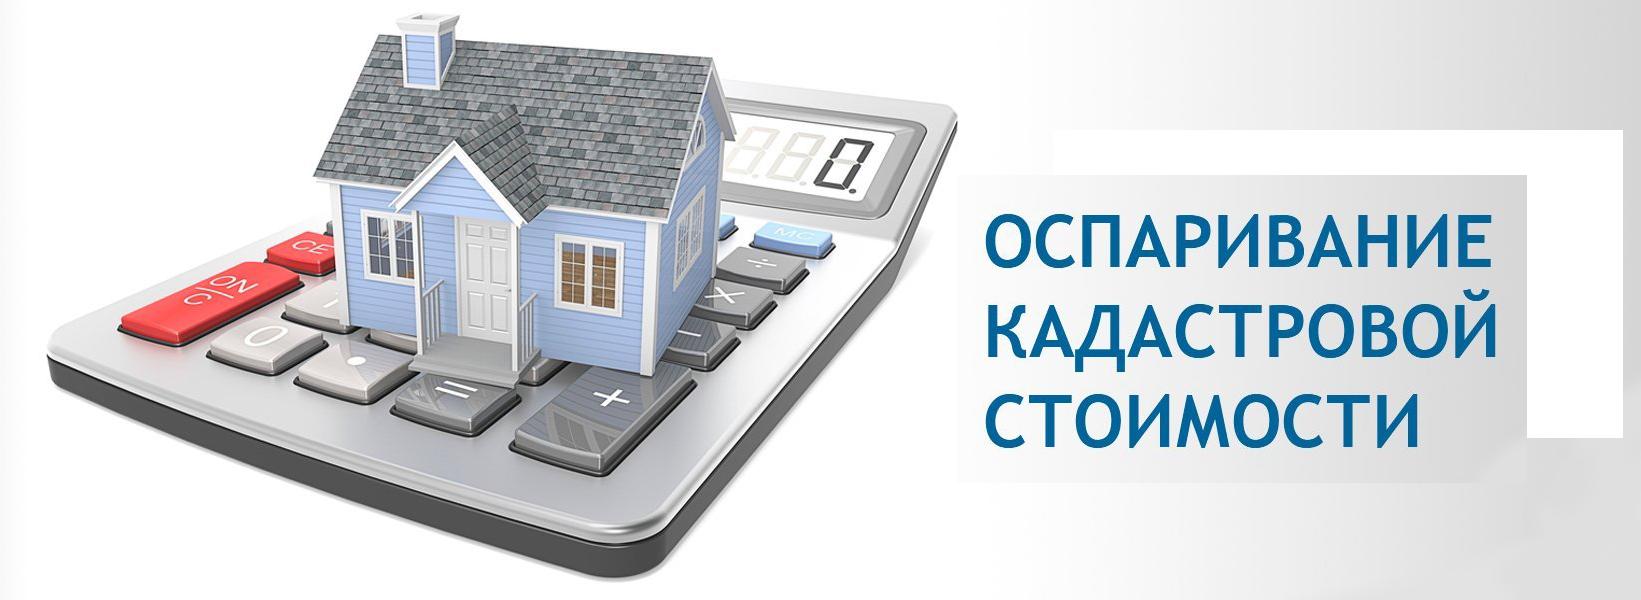 Оспаривание кадастровой стоимости арендатором: сколько можно сэкономить в год?